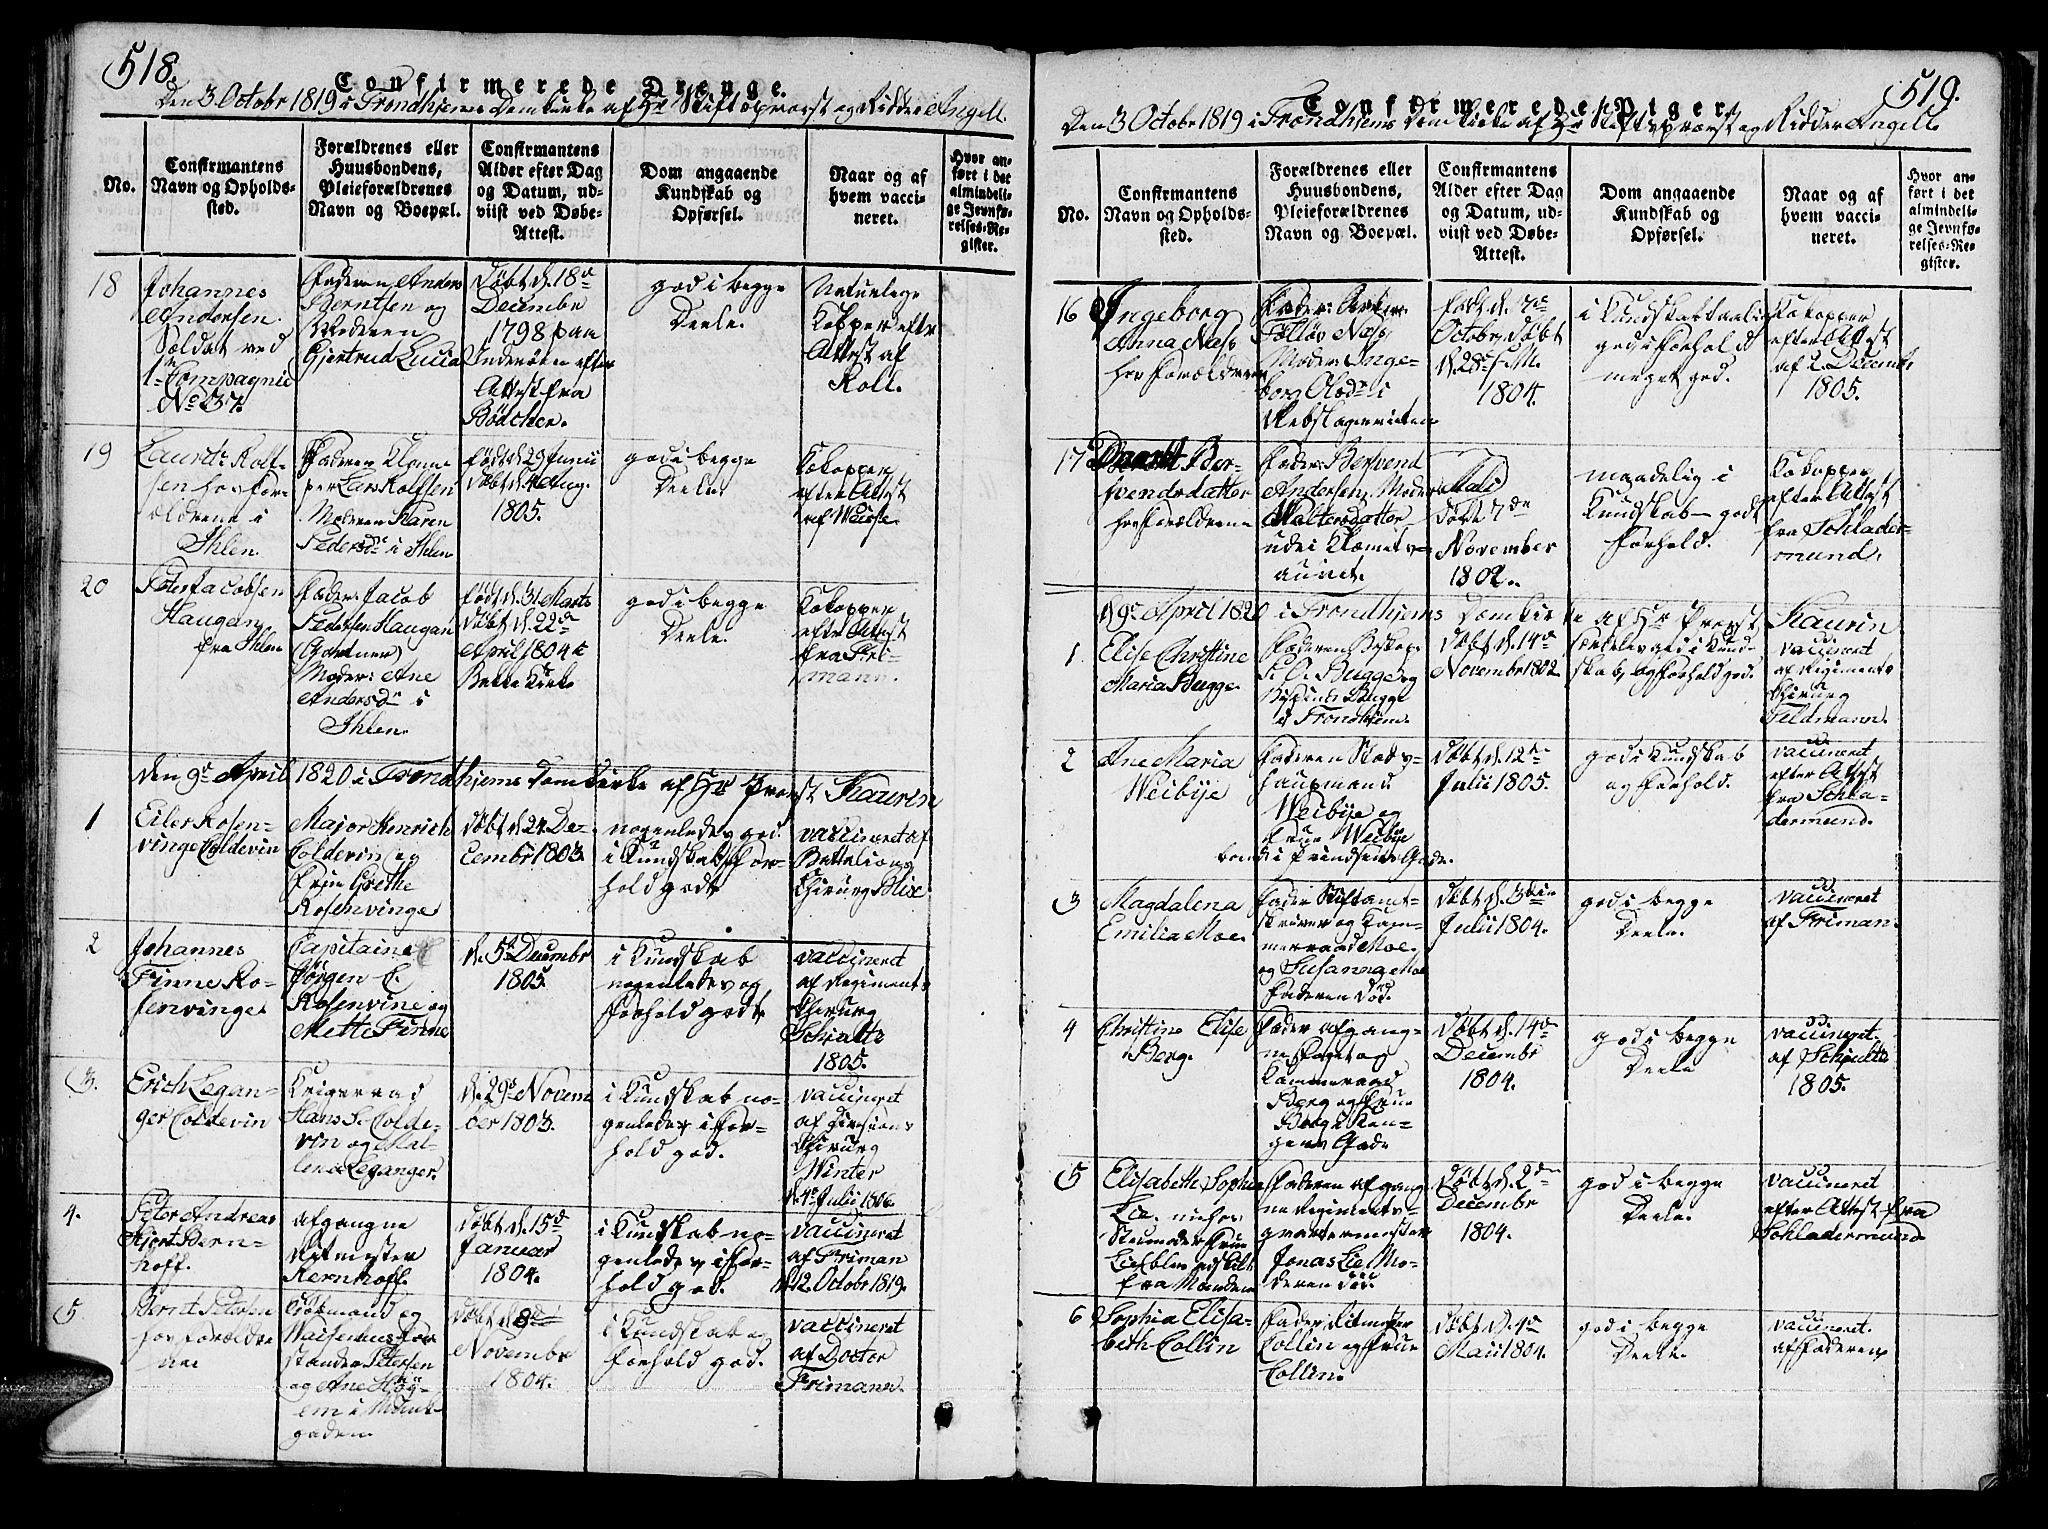 SAT, Ministerialprotokoller, klokkerbøker og fødselsregistre - Sør-Trøndelag, 601/L0043: Ministerialbok nr. 601A11, 1815-1821, s. 518-519